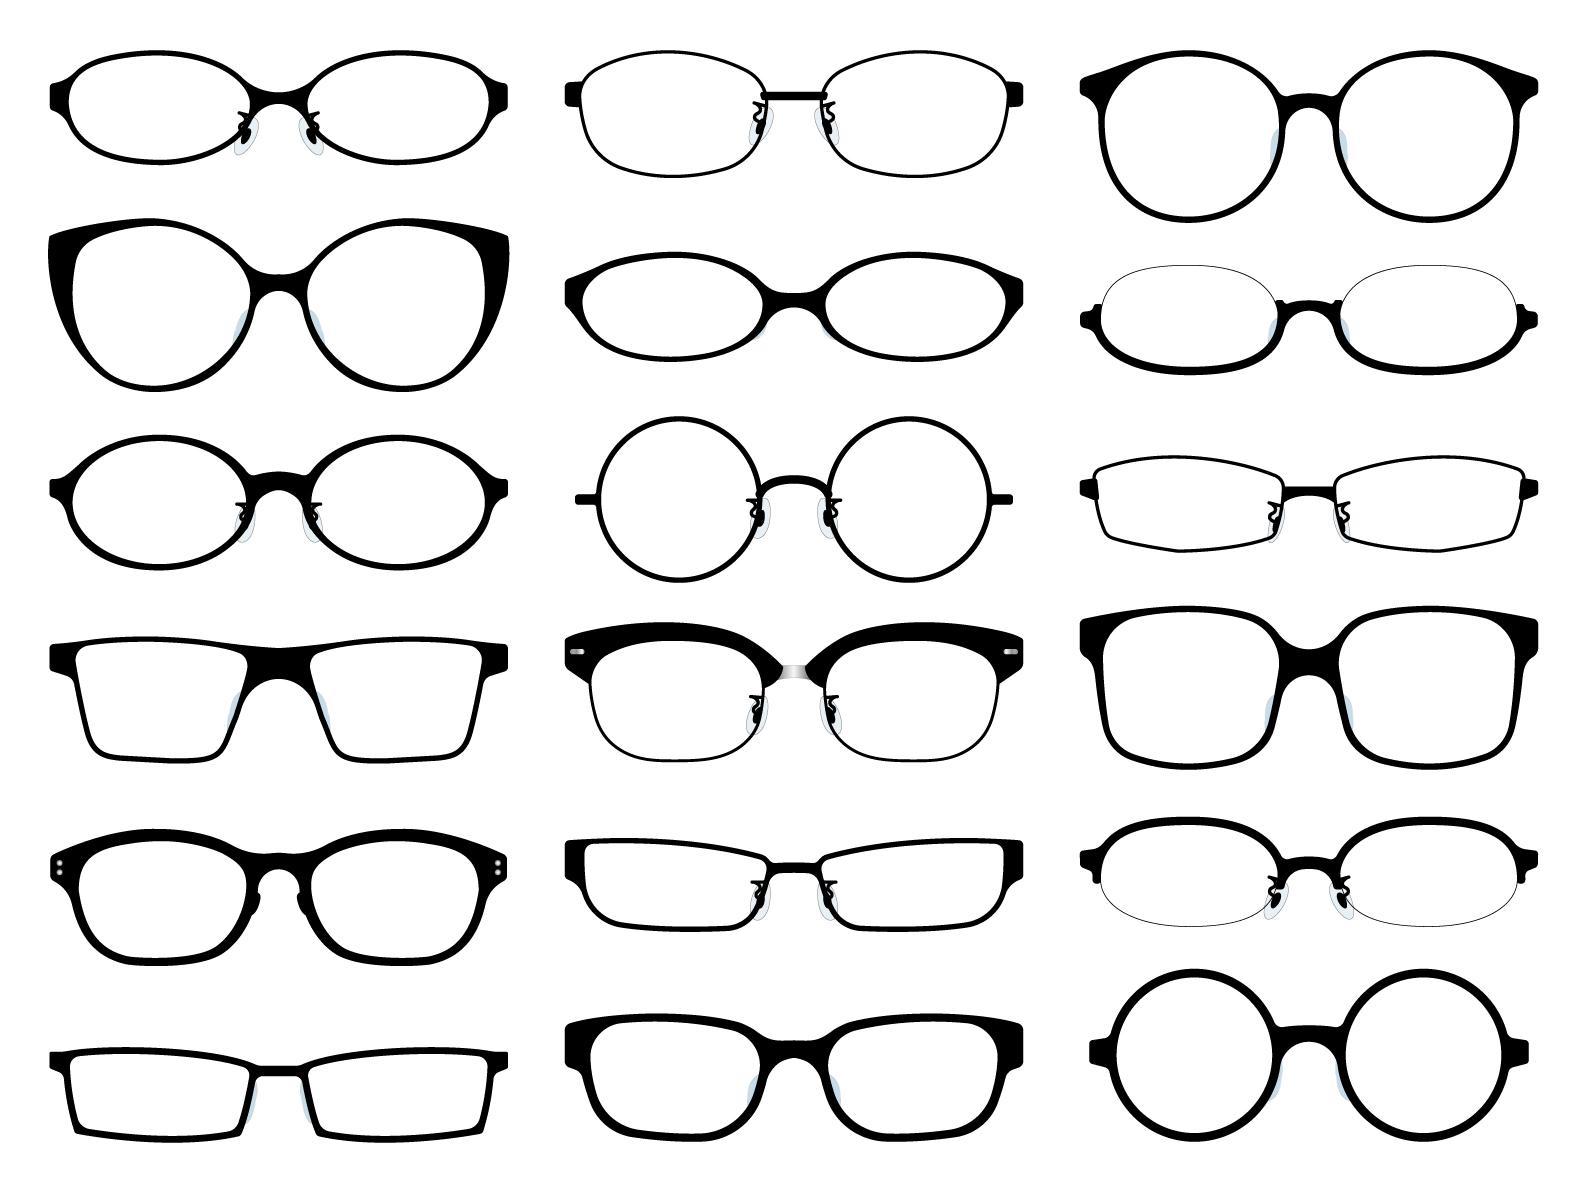 メガネとヘアの関係性は超絶妙♪